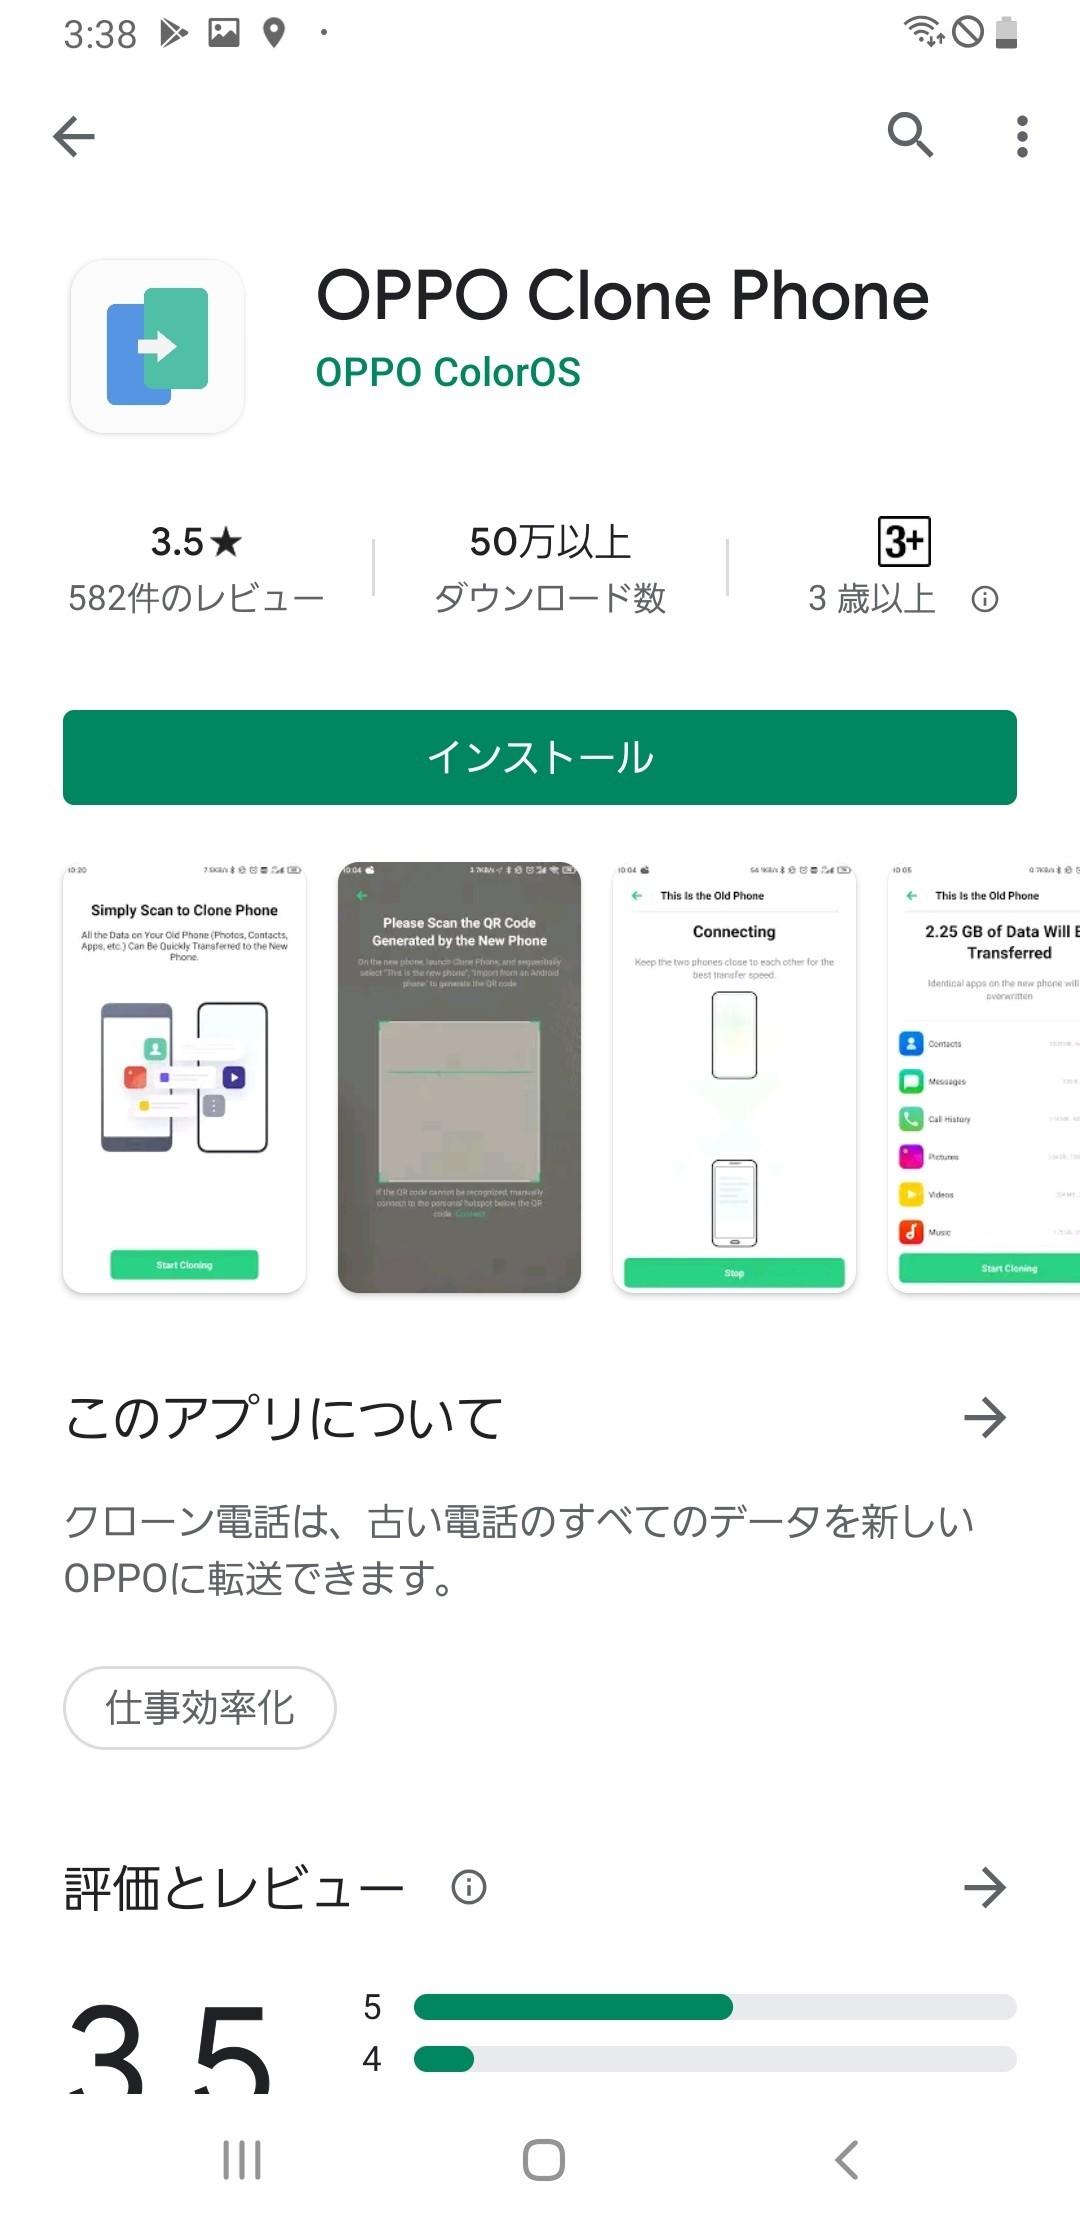 f:id:Azusa_Hirano:20200722175940j:plain